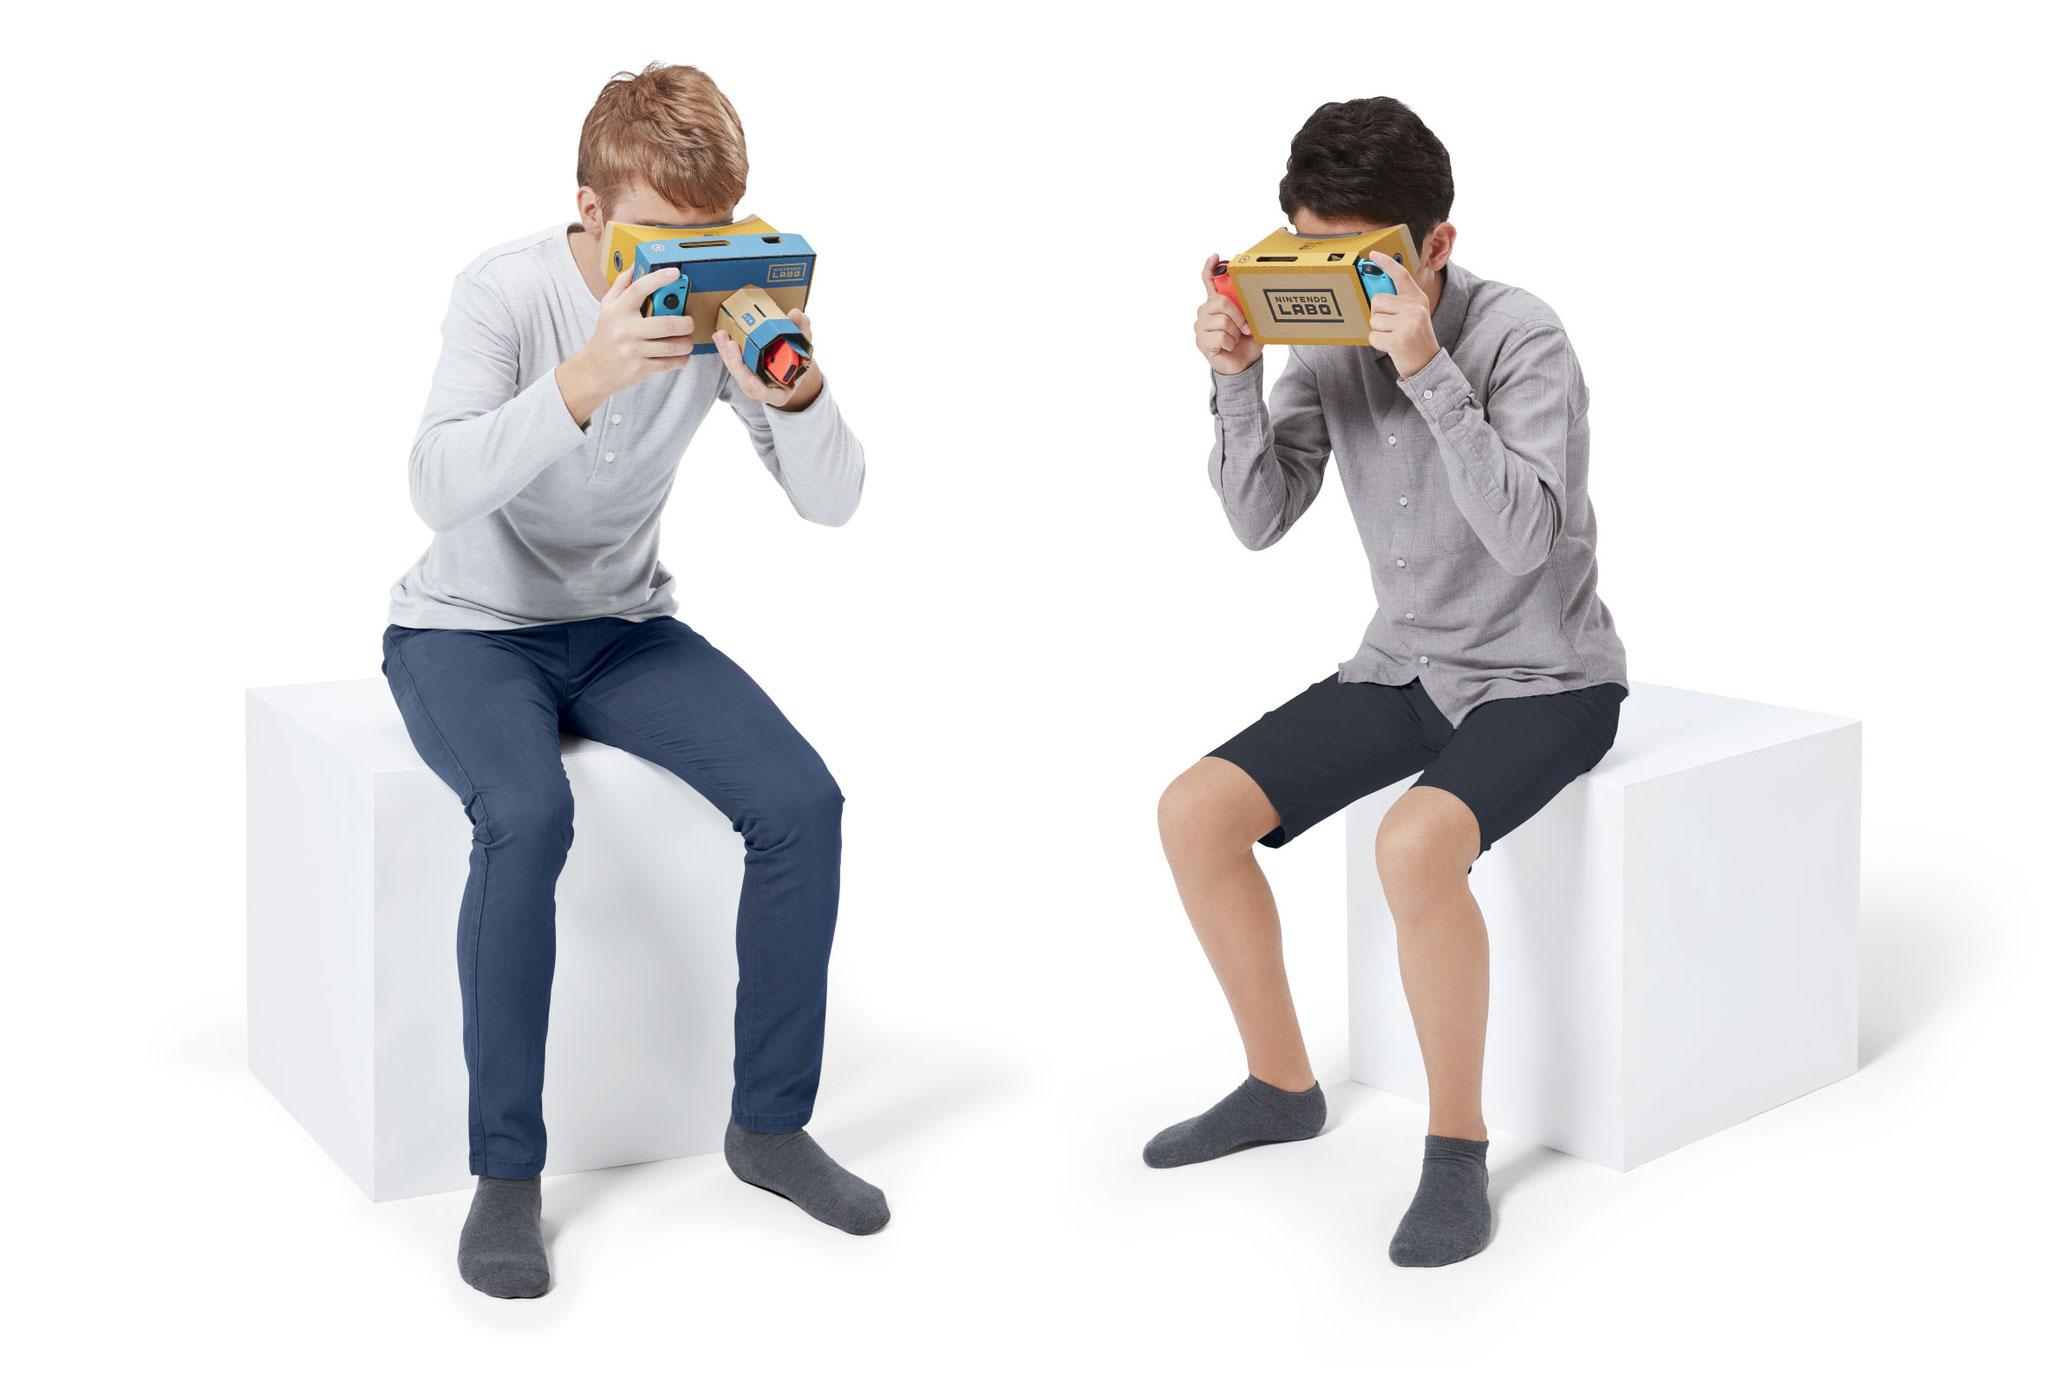 Ob Basis-Headset (rechts) oder VR-Kamera: für den VR-Genuss empfiehlt Nintendo eine sitzende Haltung - das schützt vor Unfällen.